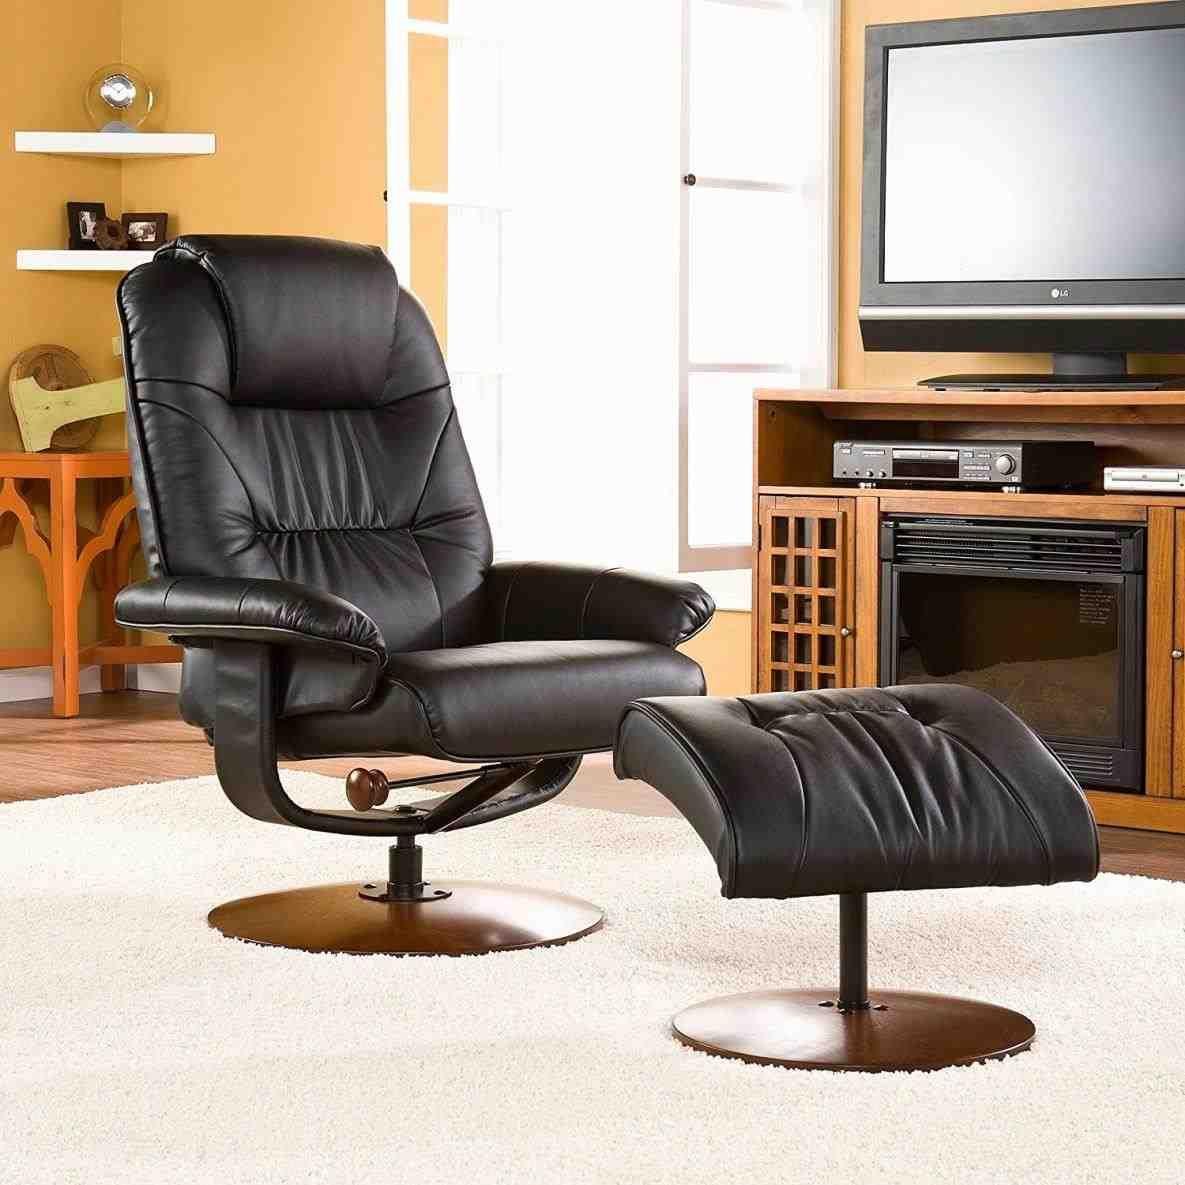 Cheap recliner chairs under 100 cheap armchairs cheap